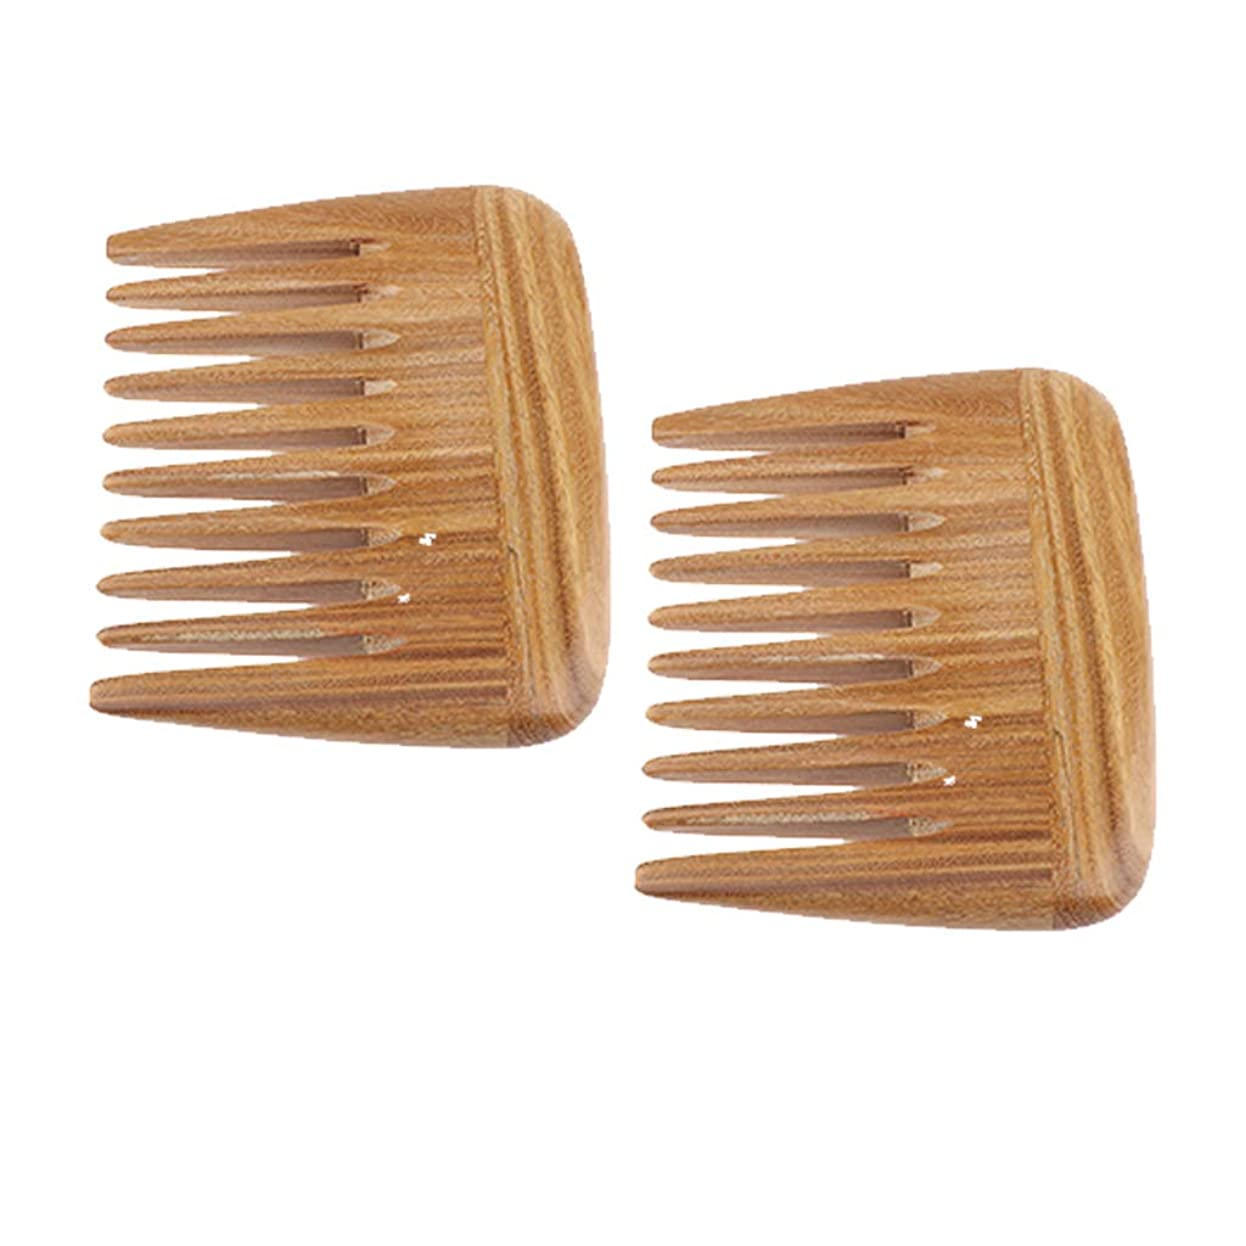 お肉複製する信じるB Baosity 2個 静電気防止櫛 ポケット 広い歯 ヘアコーム 木製櫛 プレゼント